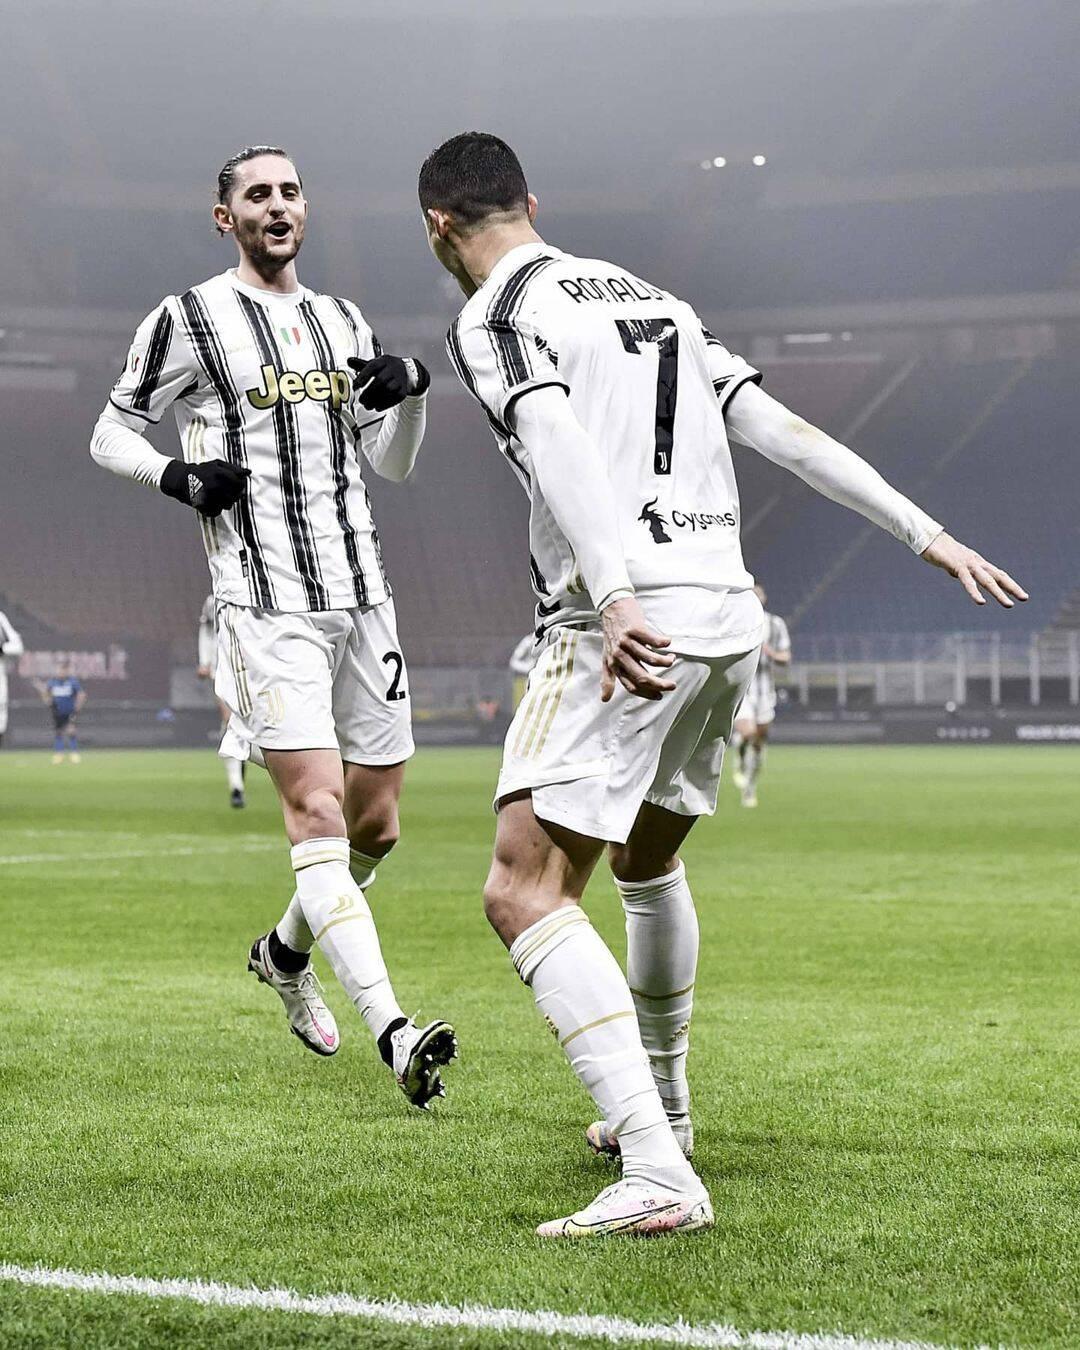 Foto: Reprodução / Instagram Juventus